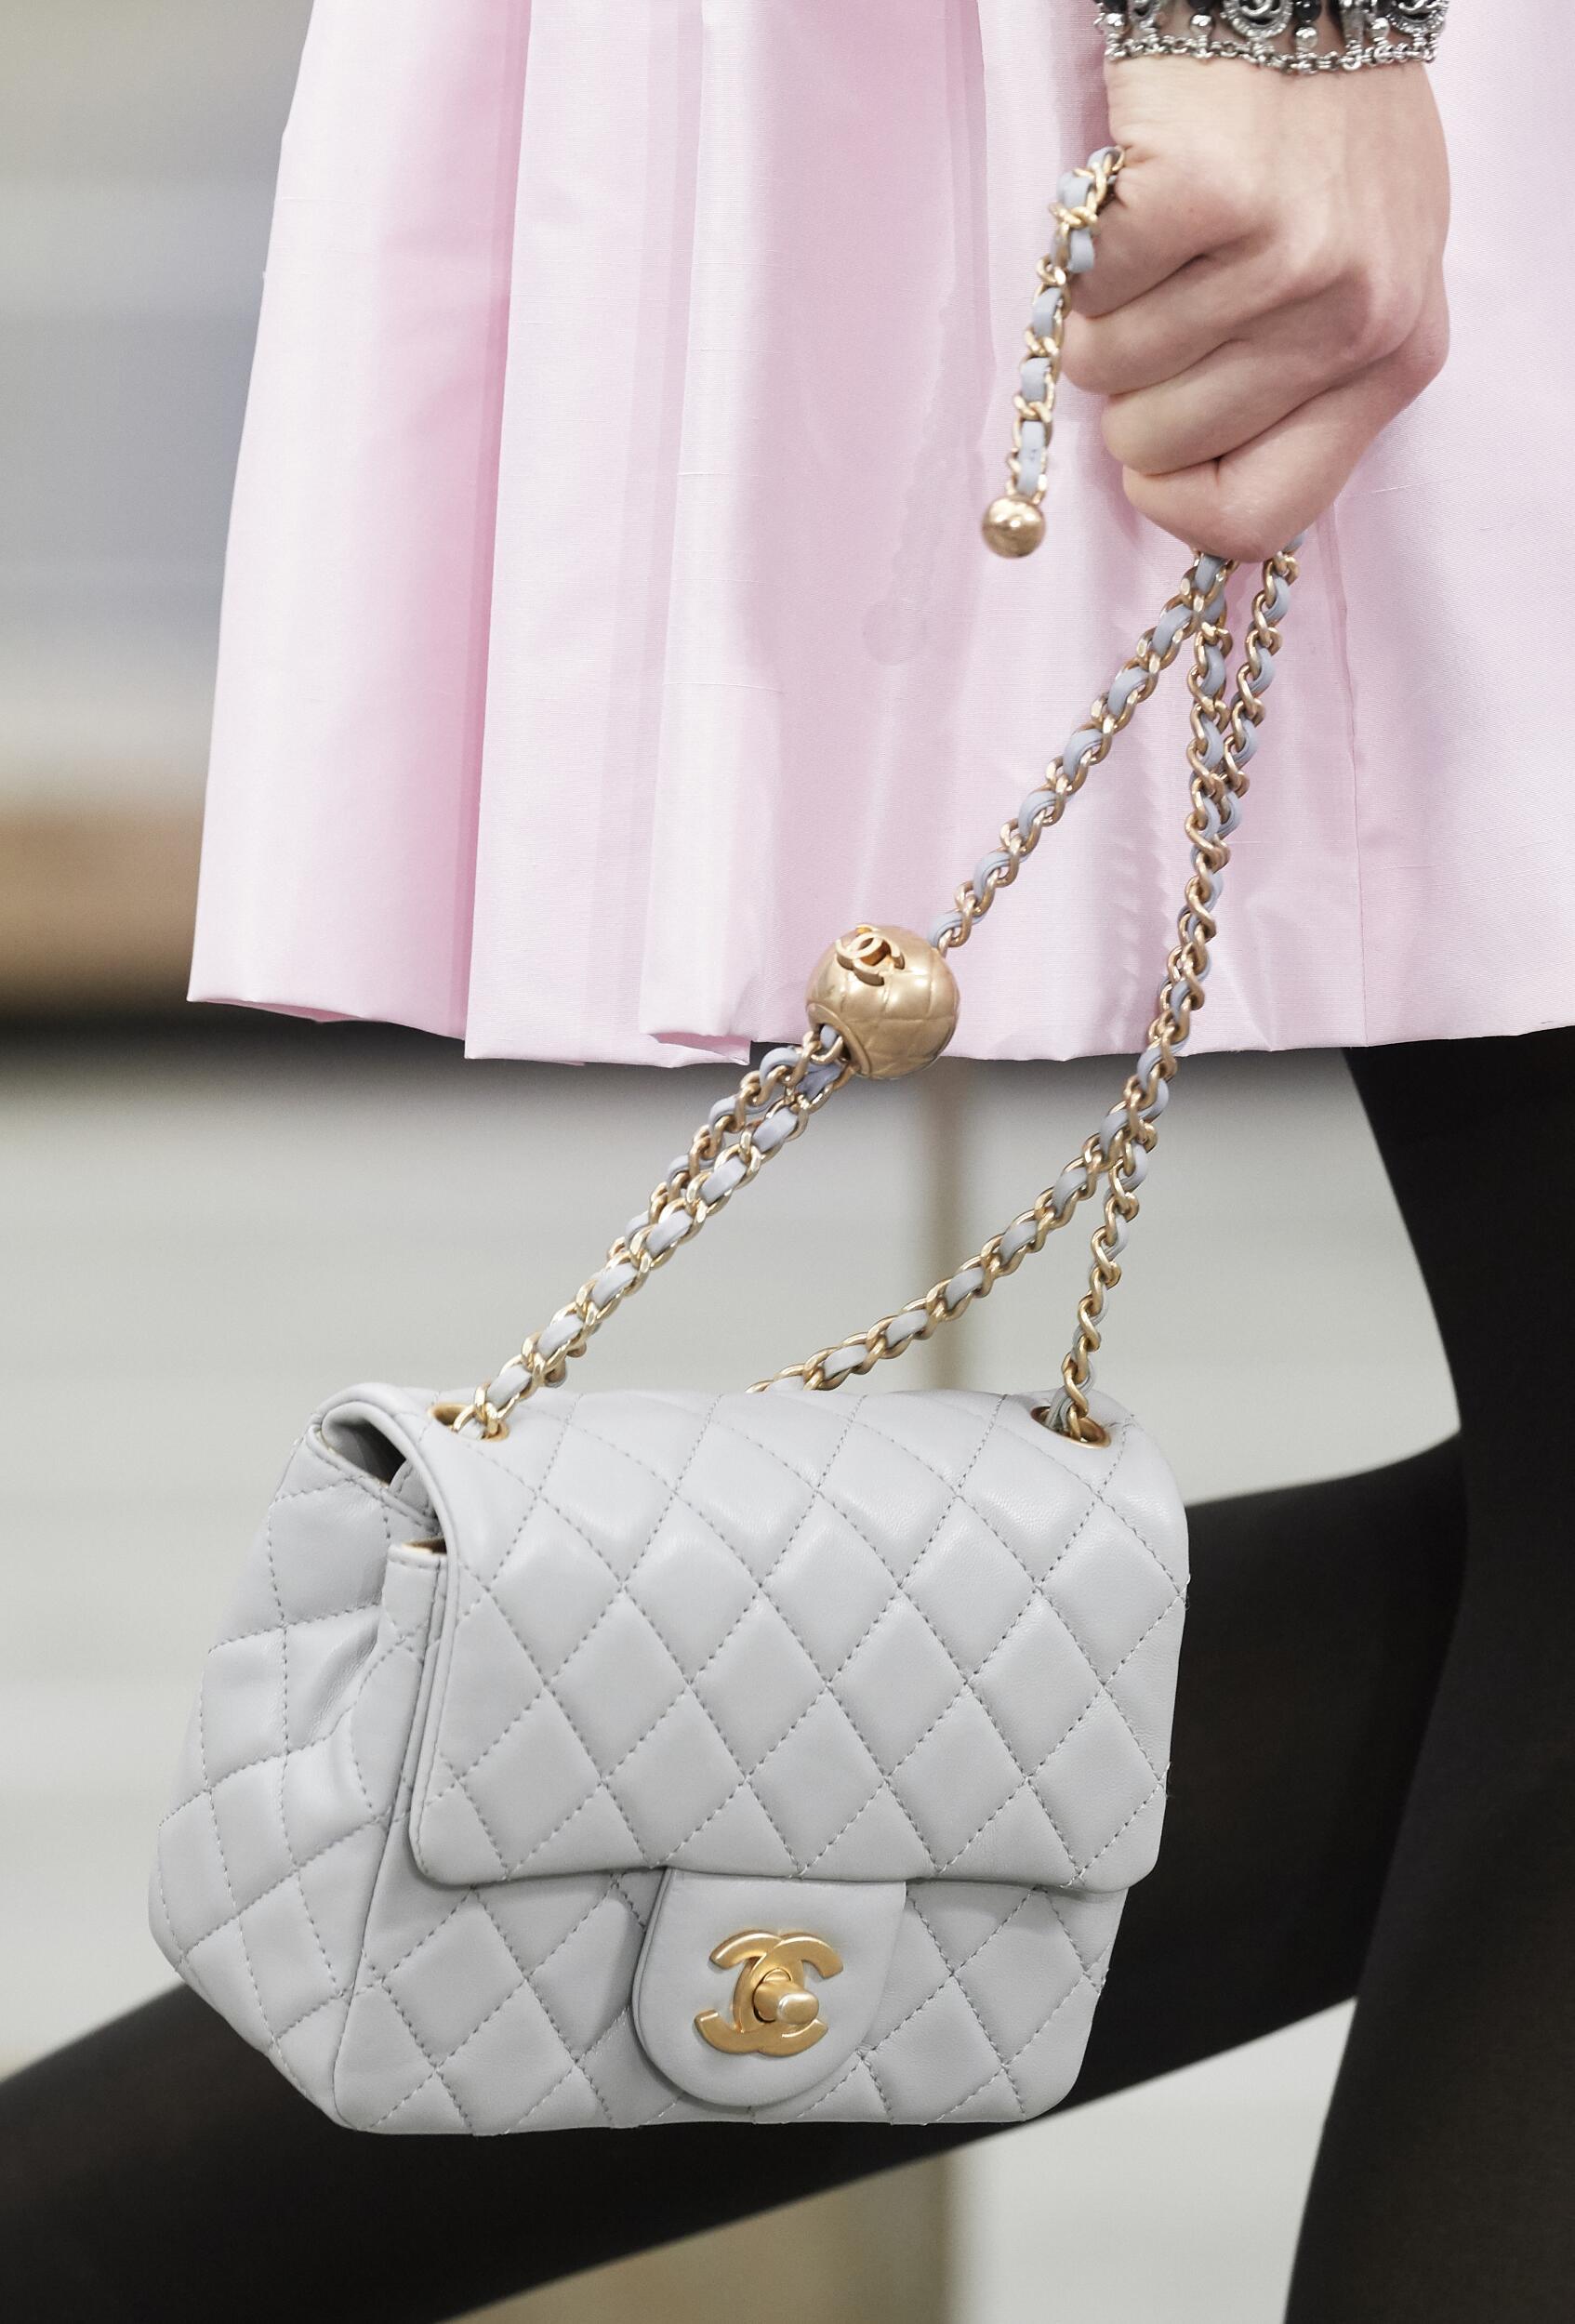 Womenswear Bag Summer Chanel 2020